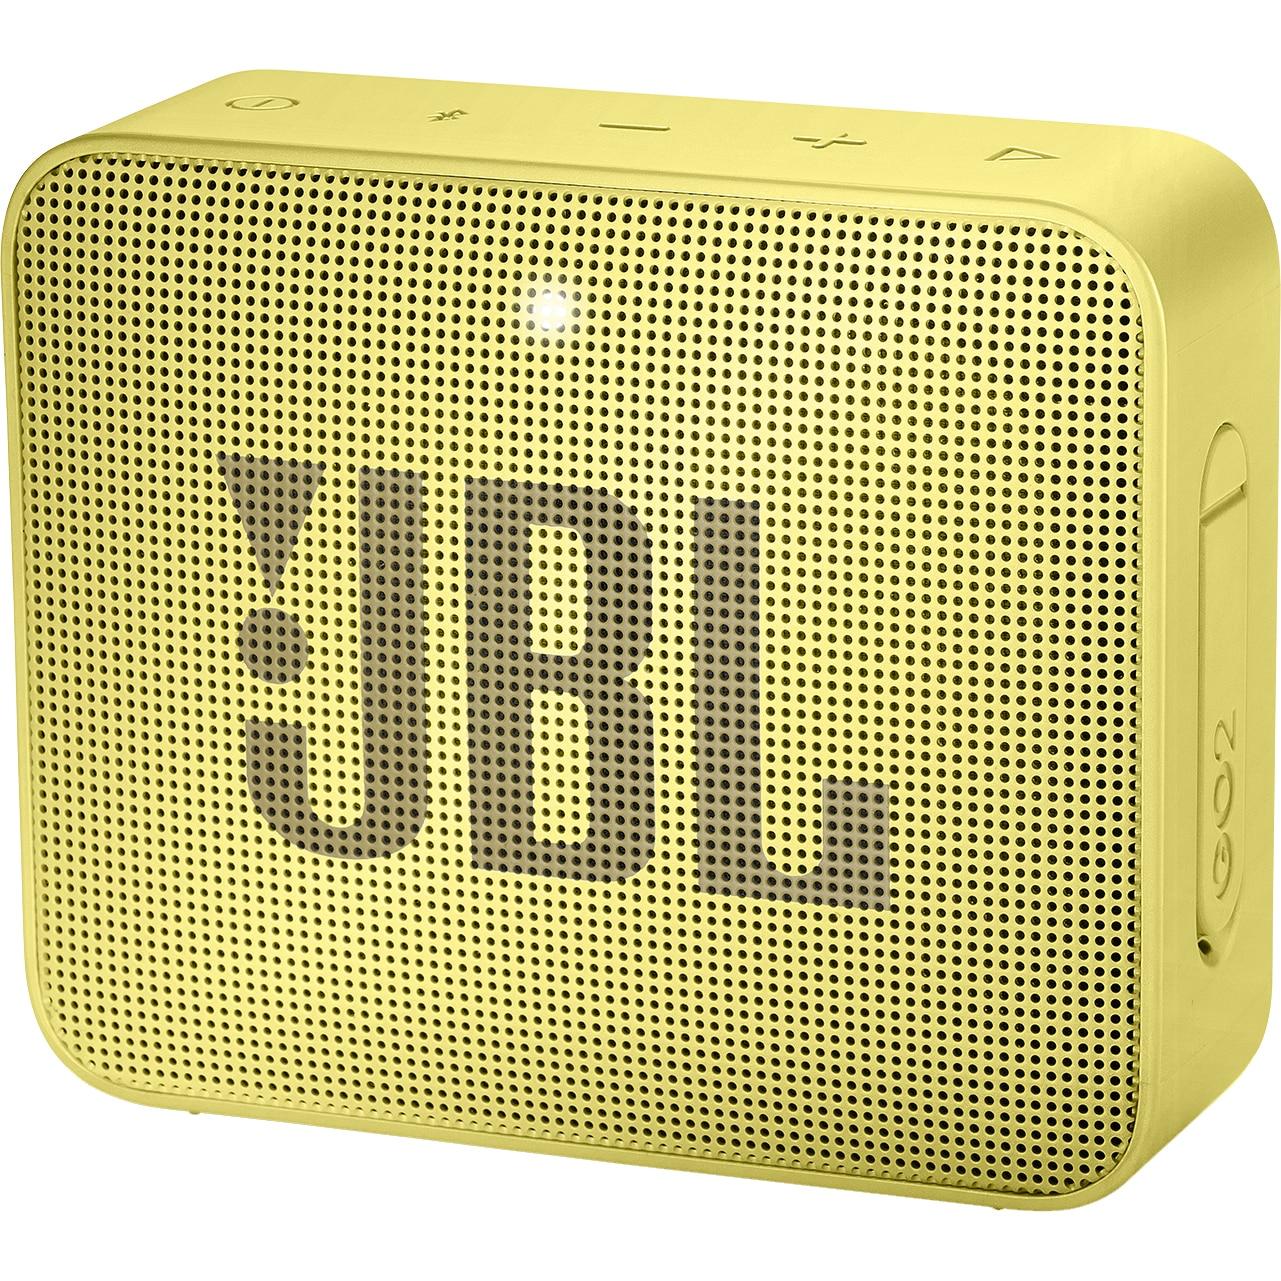 Fotografie Boxa portabila JBL Go2, IPX7, galben